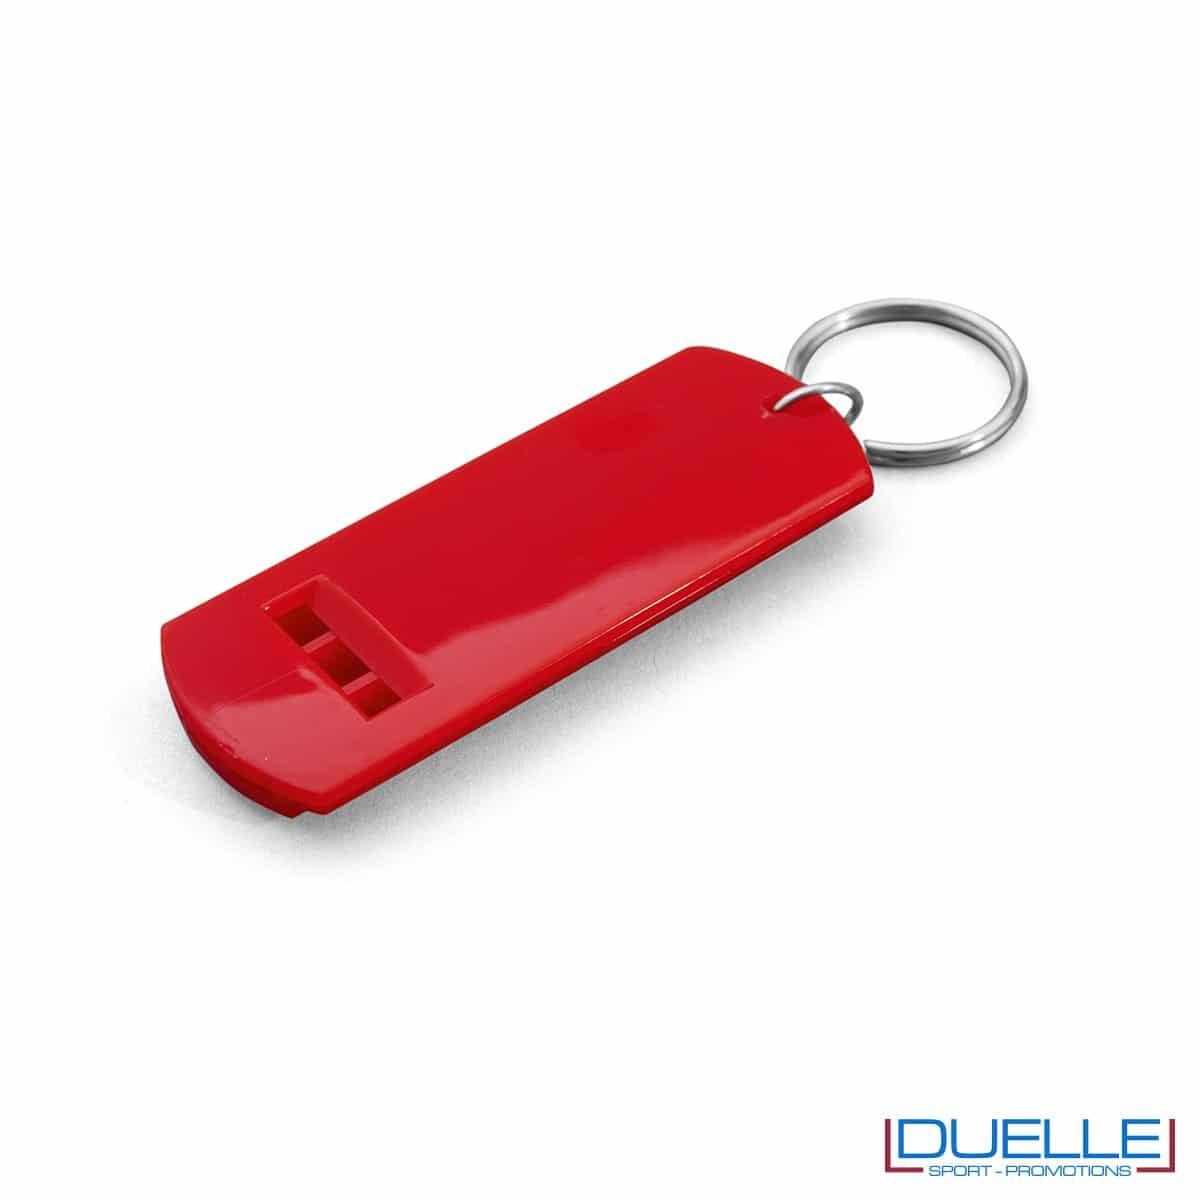 fischietto personalizzato portachiavi colore rosso, gadget tifo, gadget portachiavi, gadget personalizzato